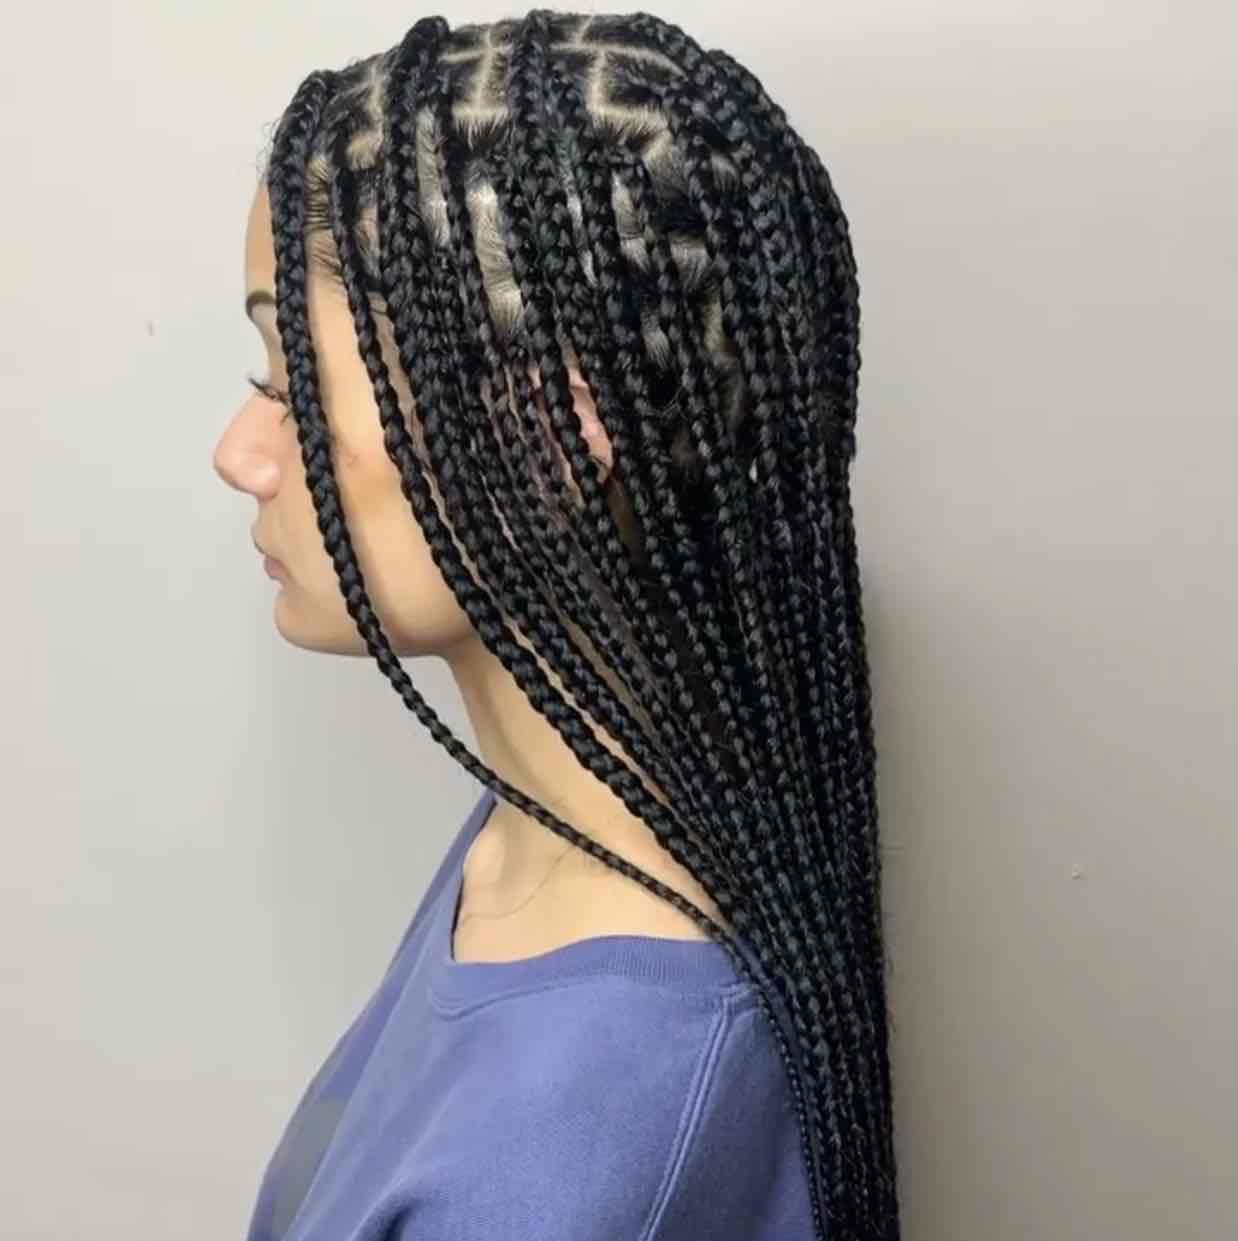 salon de coiffure afro tresse tresses box braids crochet braids vanilles tissages paris 75 77 78 91 92 93 94 95 TNRIYDFM